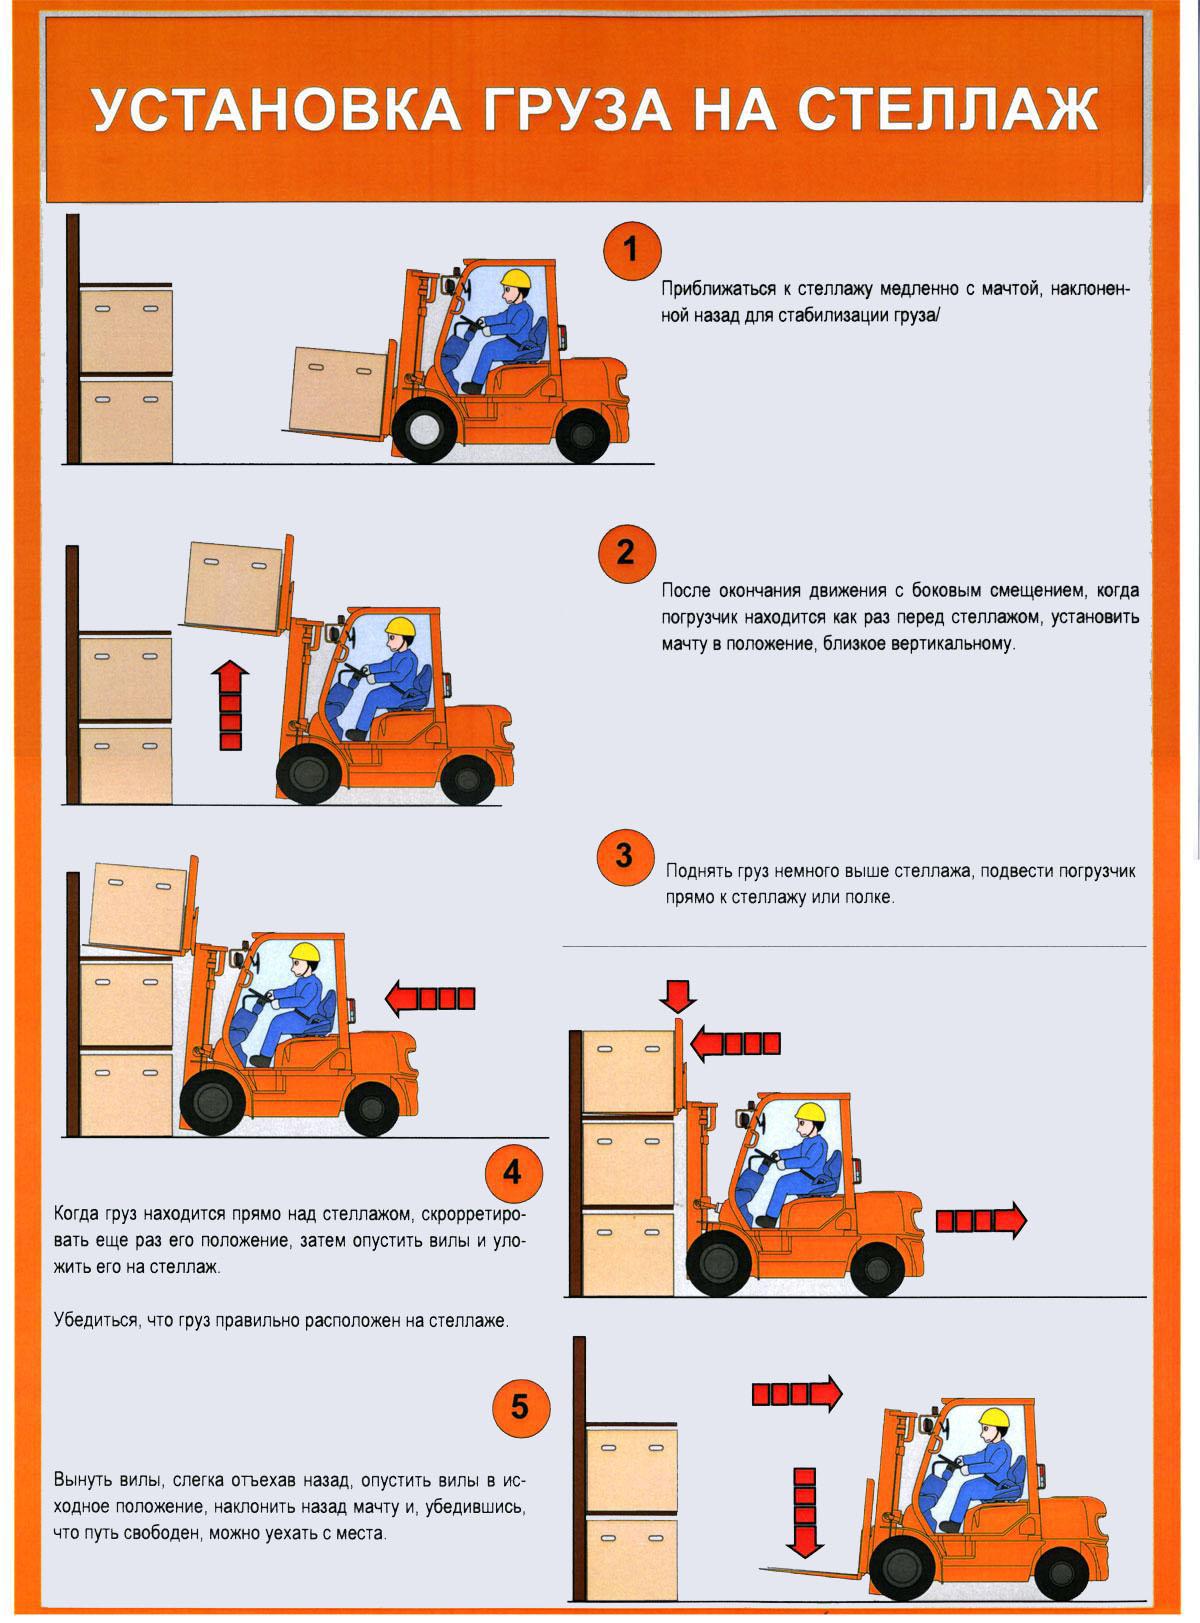 Инструкции по эксплуатации электропогрузчиков